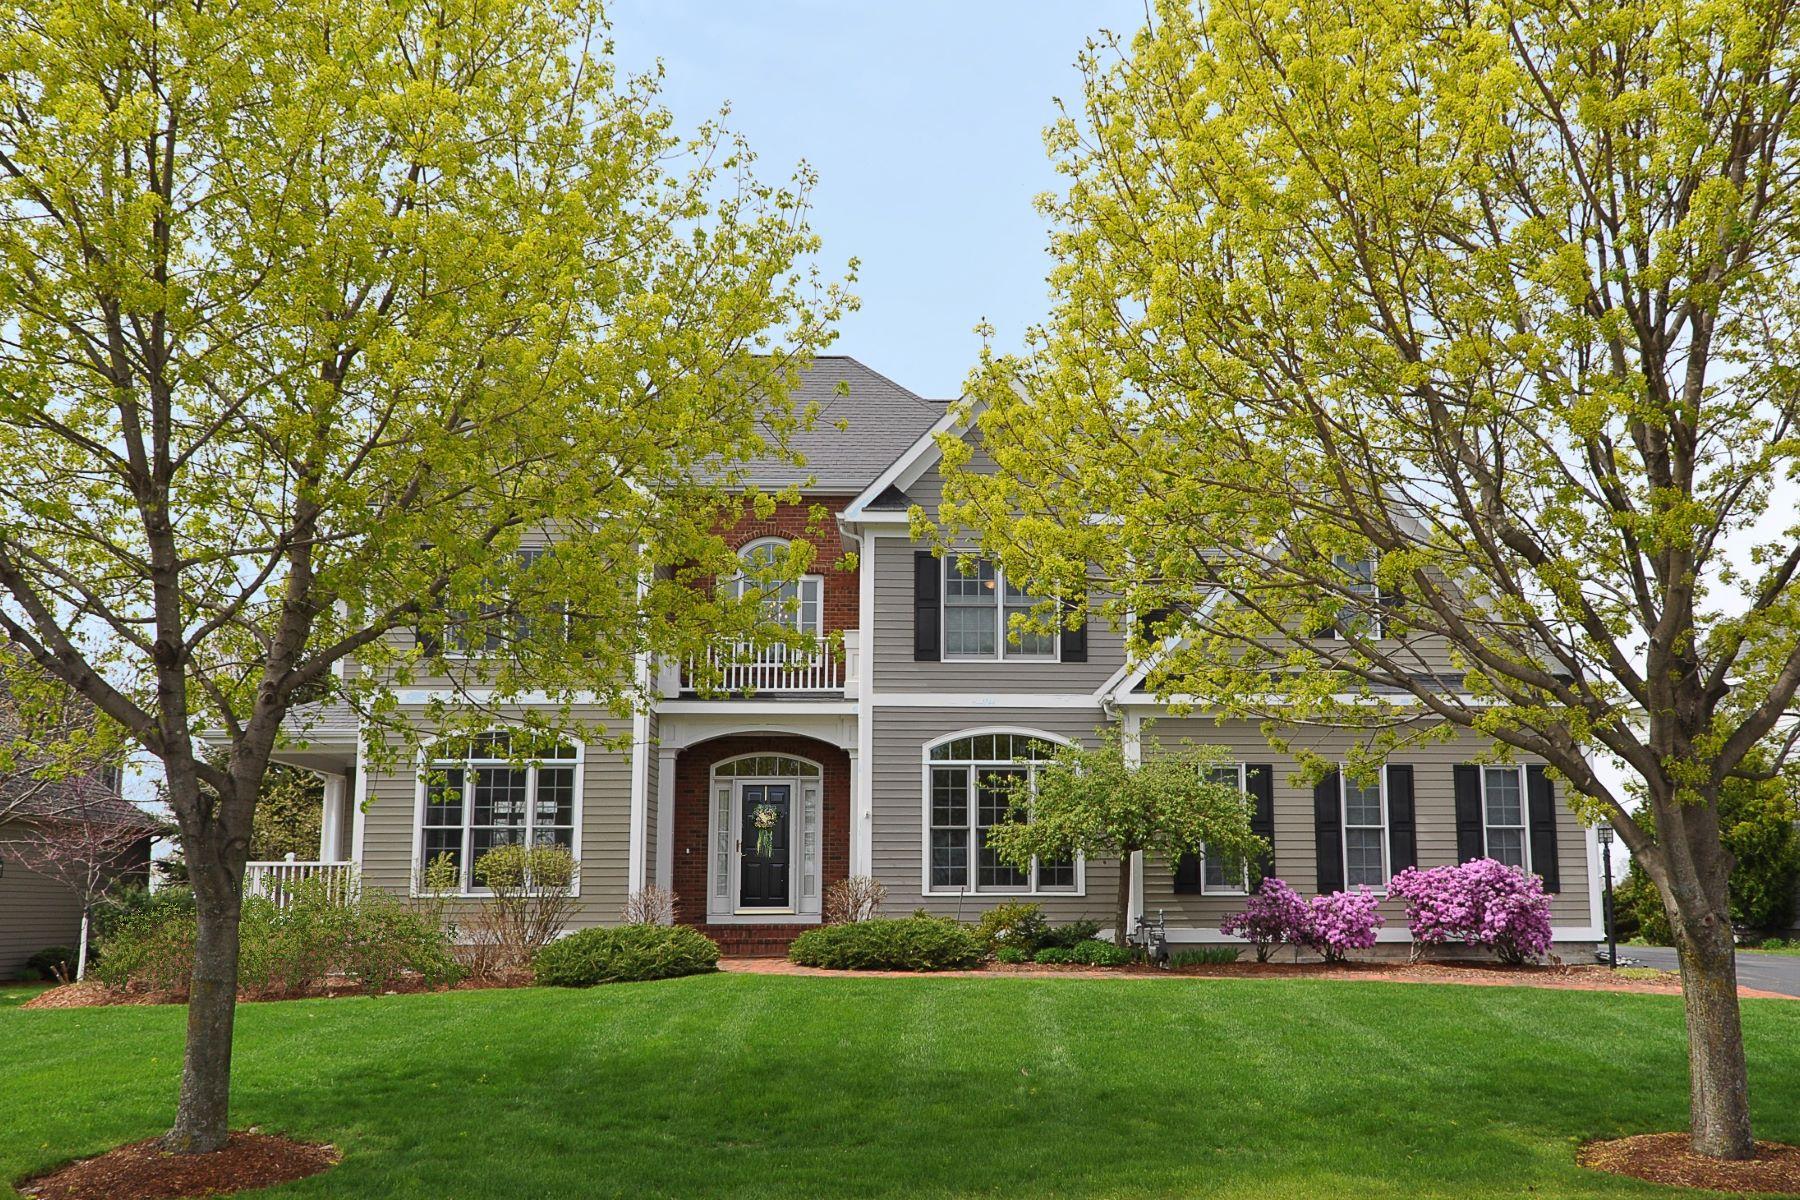 Частный односемейный дом для того Продажа на 91 Golf Course Road, South Burlington 91 Golf Course Rd South Burlington, Вермонт 05403 Соединенные Штаты